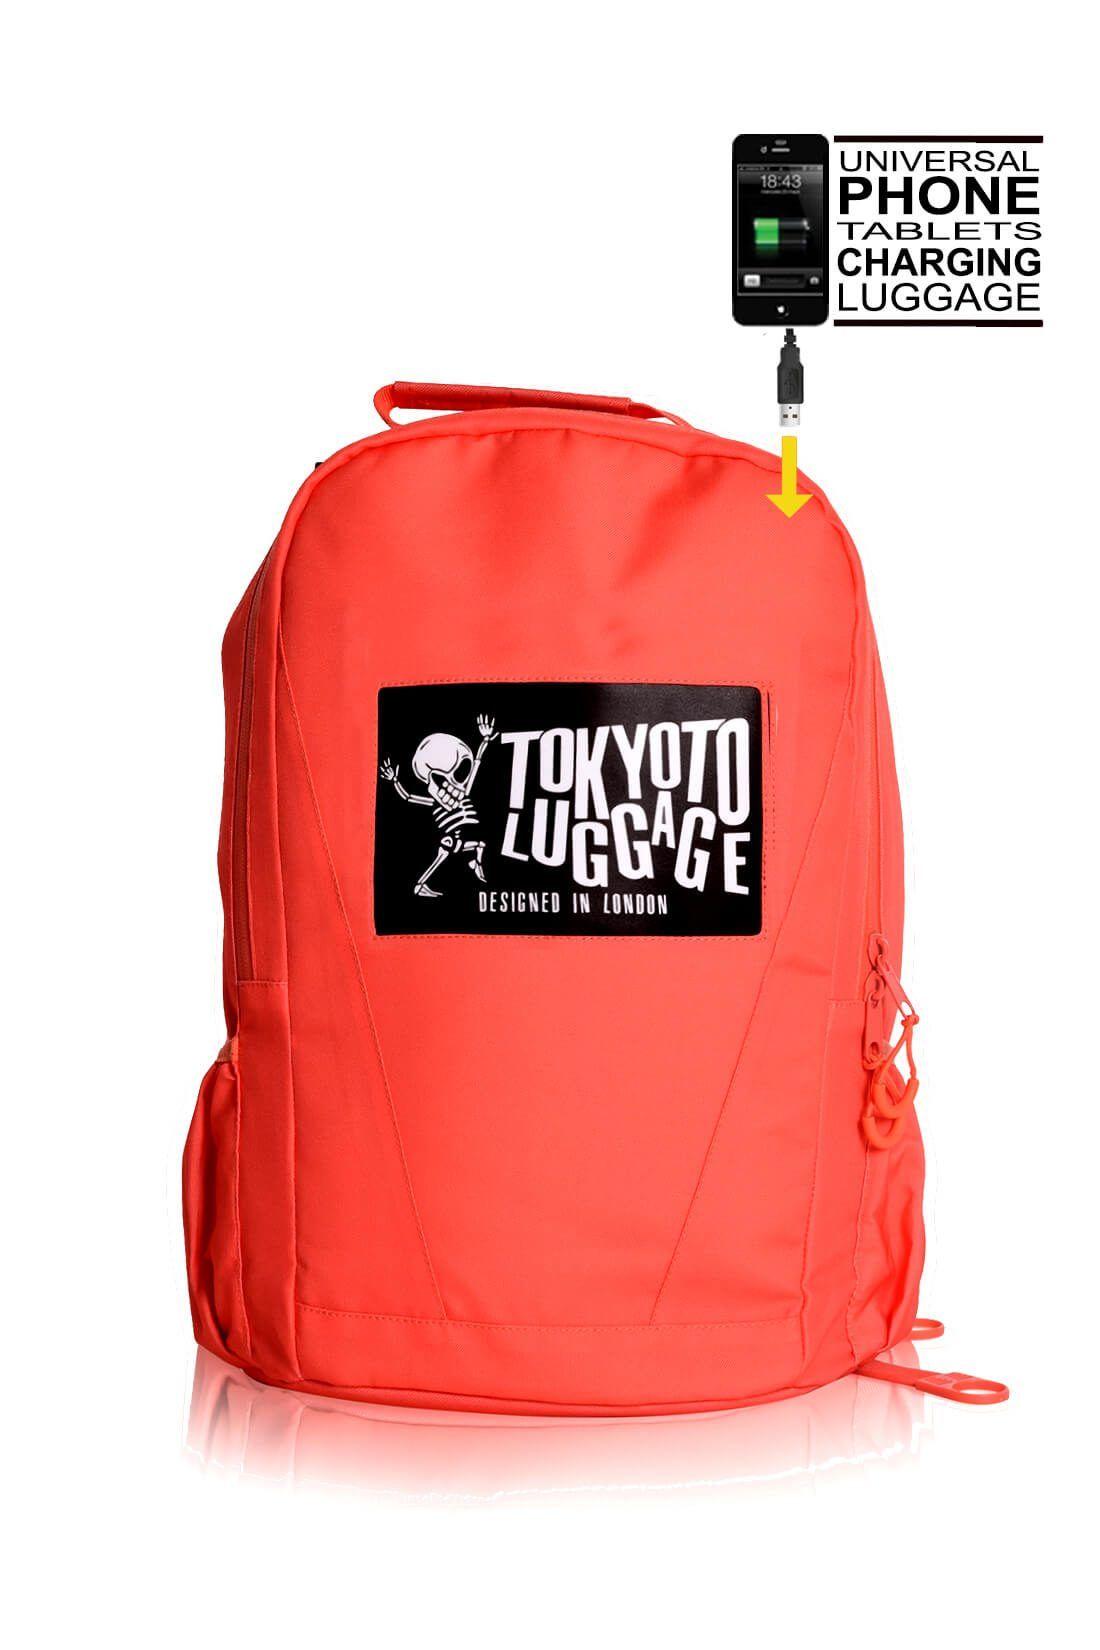 rucksaecke mit led licht tokyoto-luggage CORAL